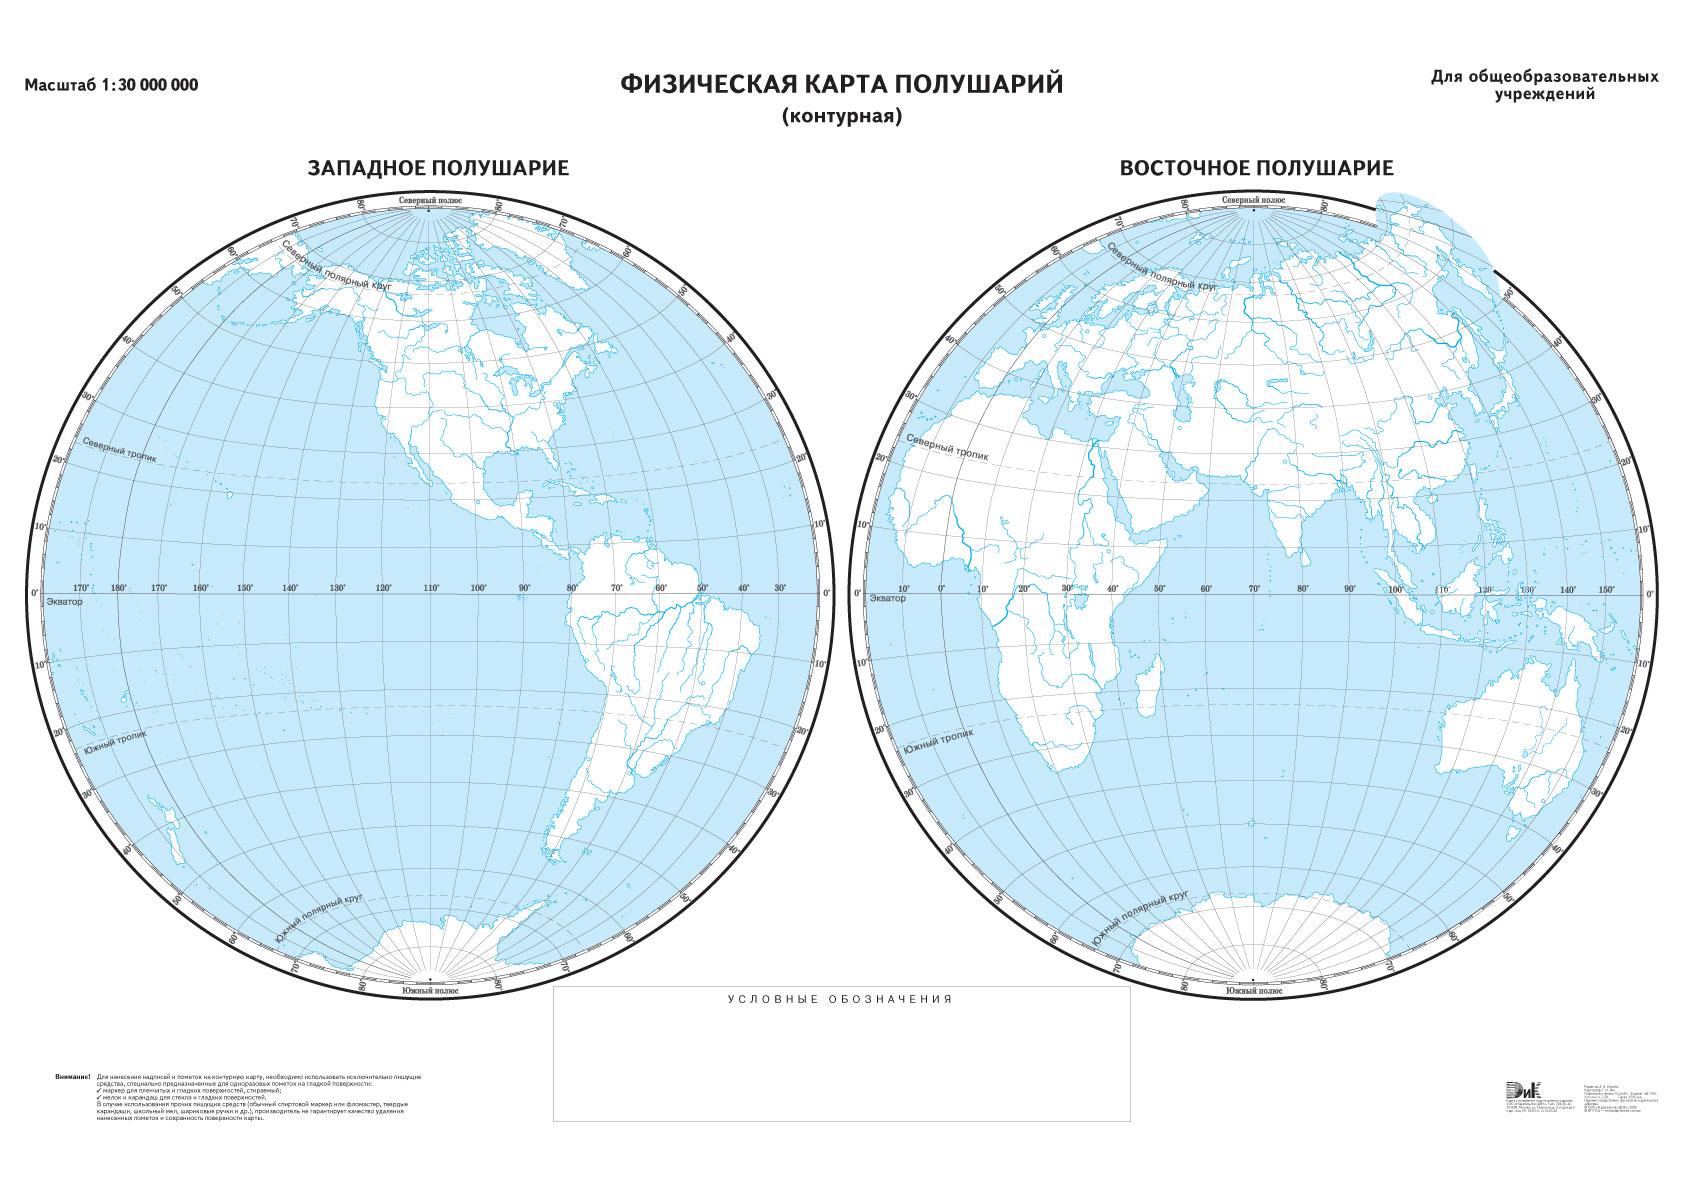 Контурные карты карта полушарий последняя версия, Скачать дл…